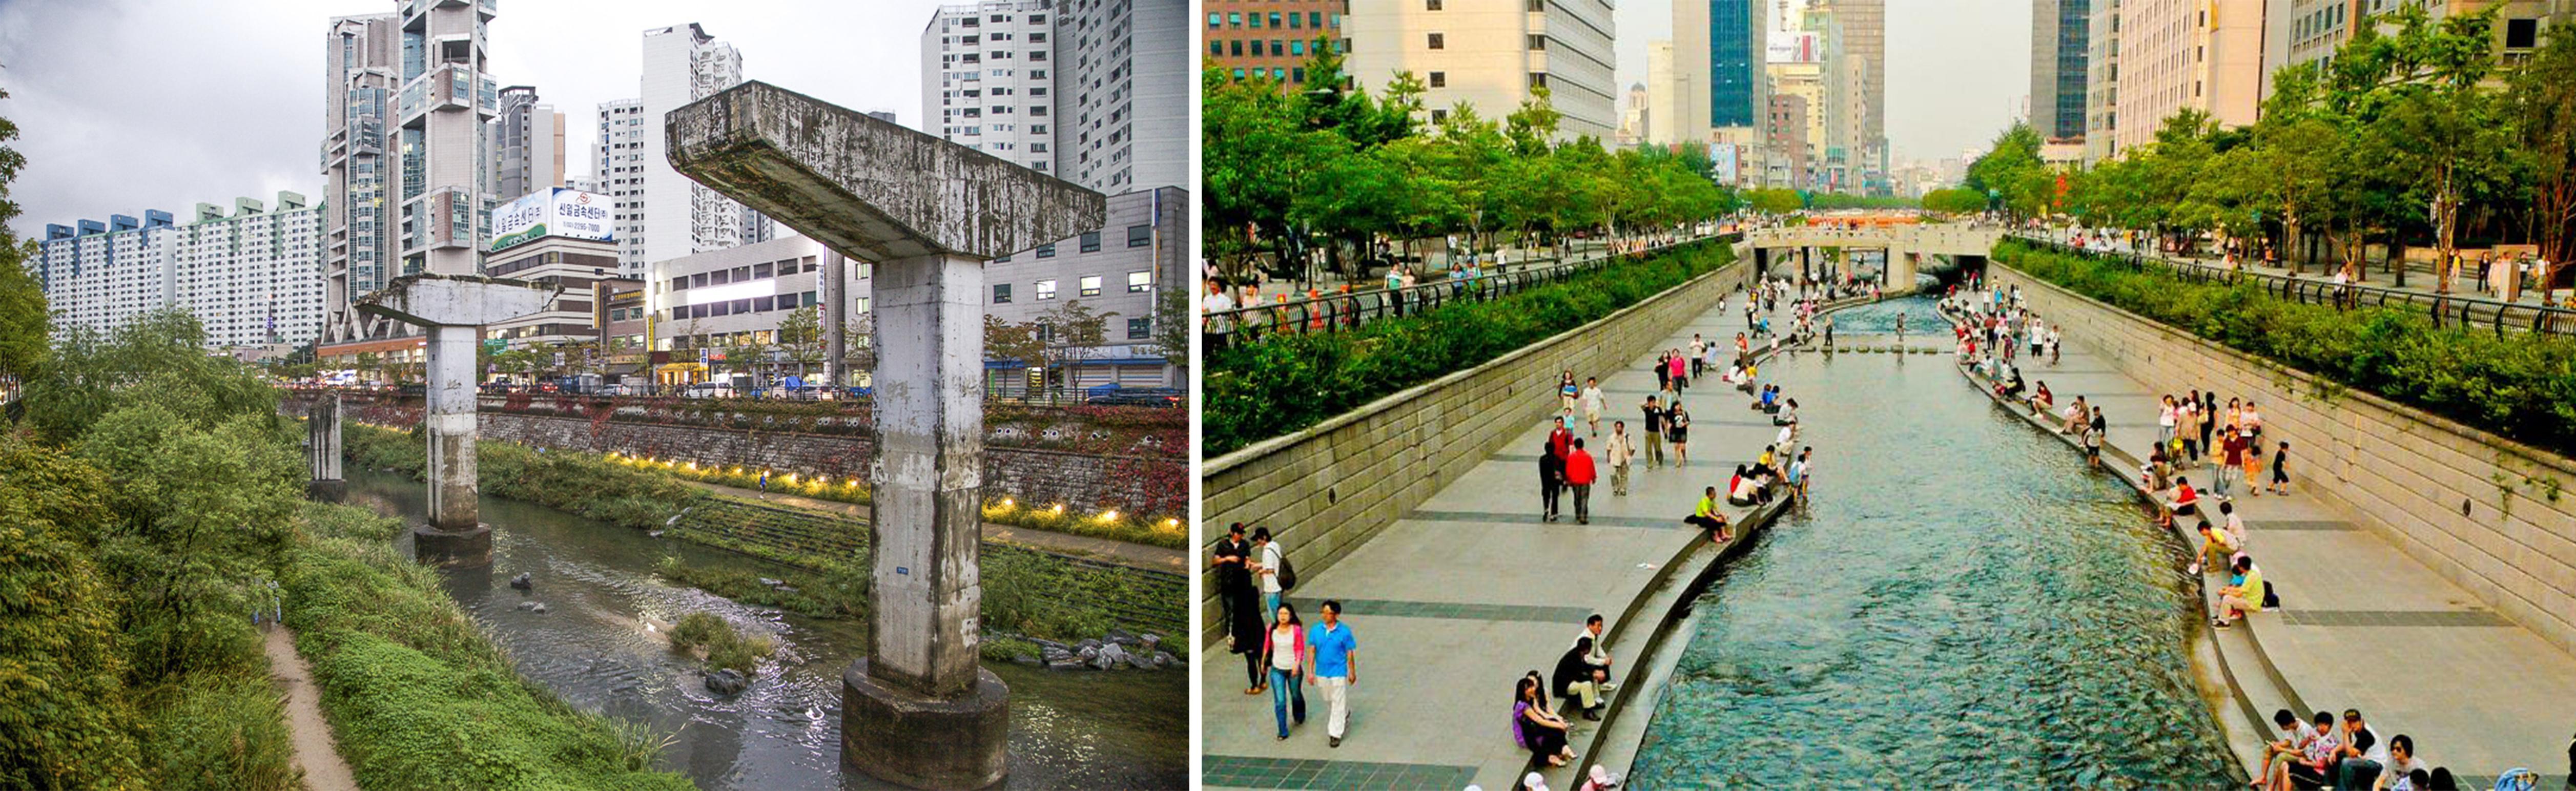 Seül, natura reconstruïda